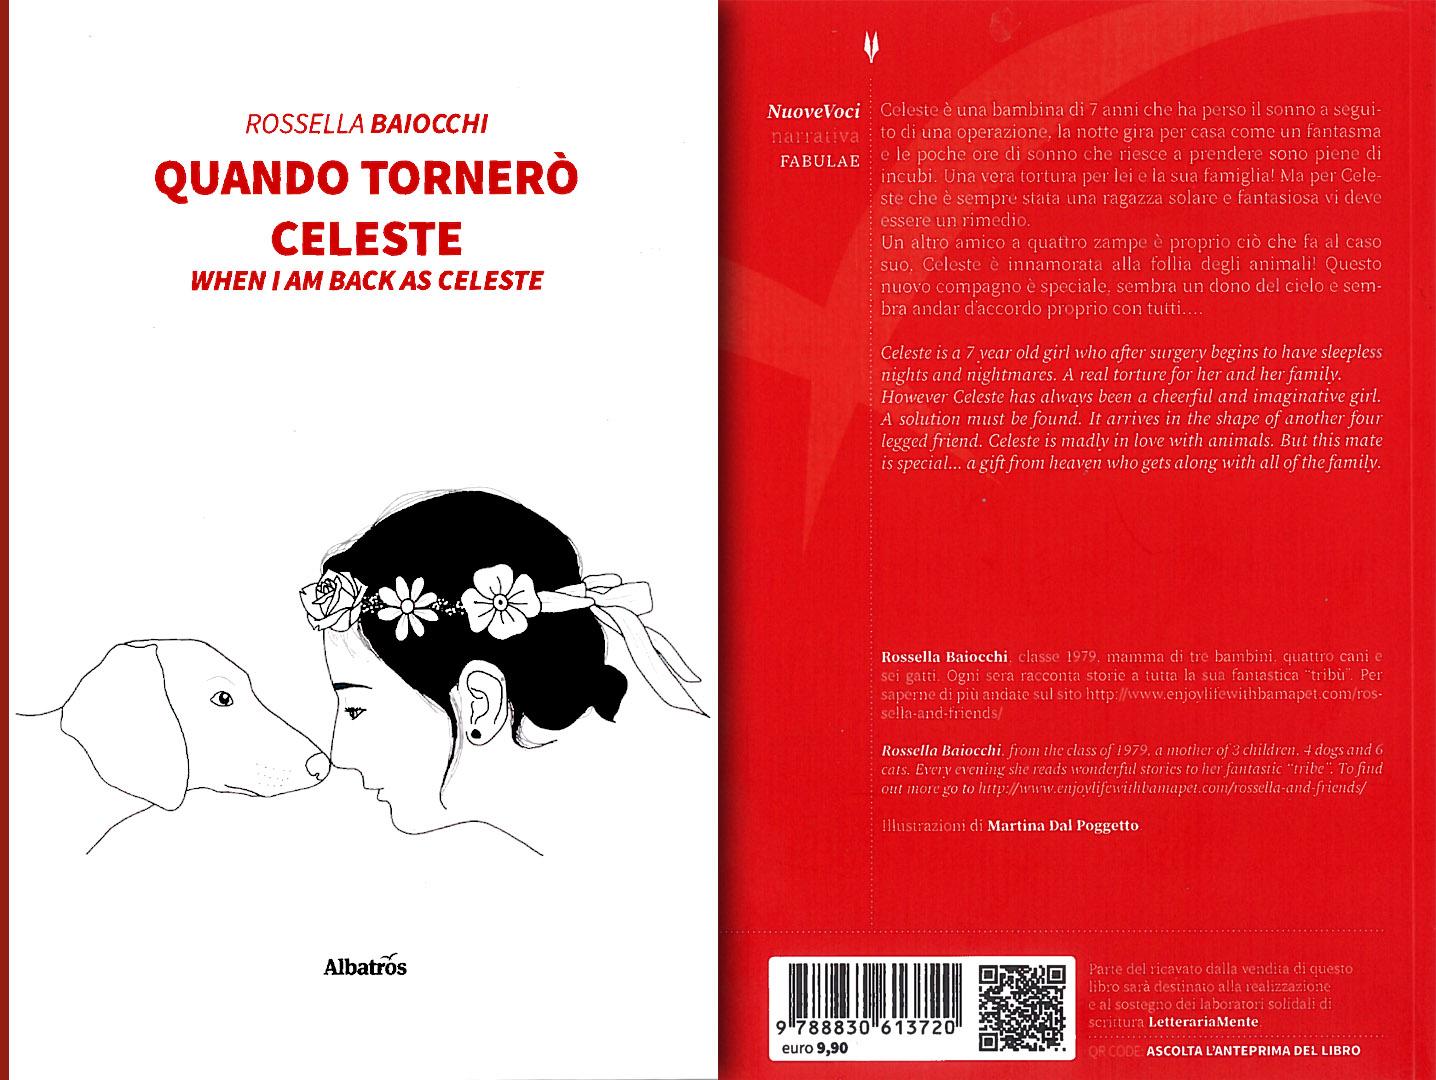 Quando tornerò Celeste, il nuovo libro di Rossella Baiocchi